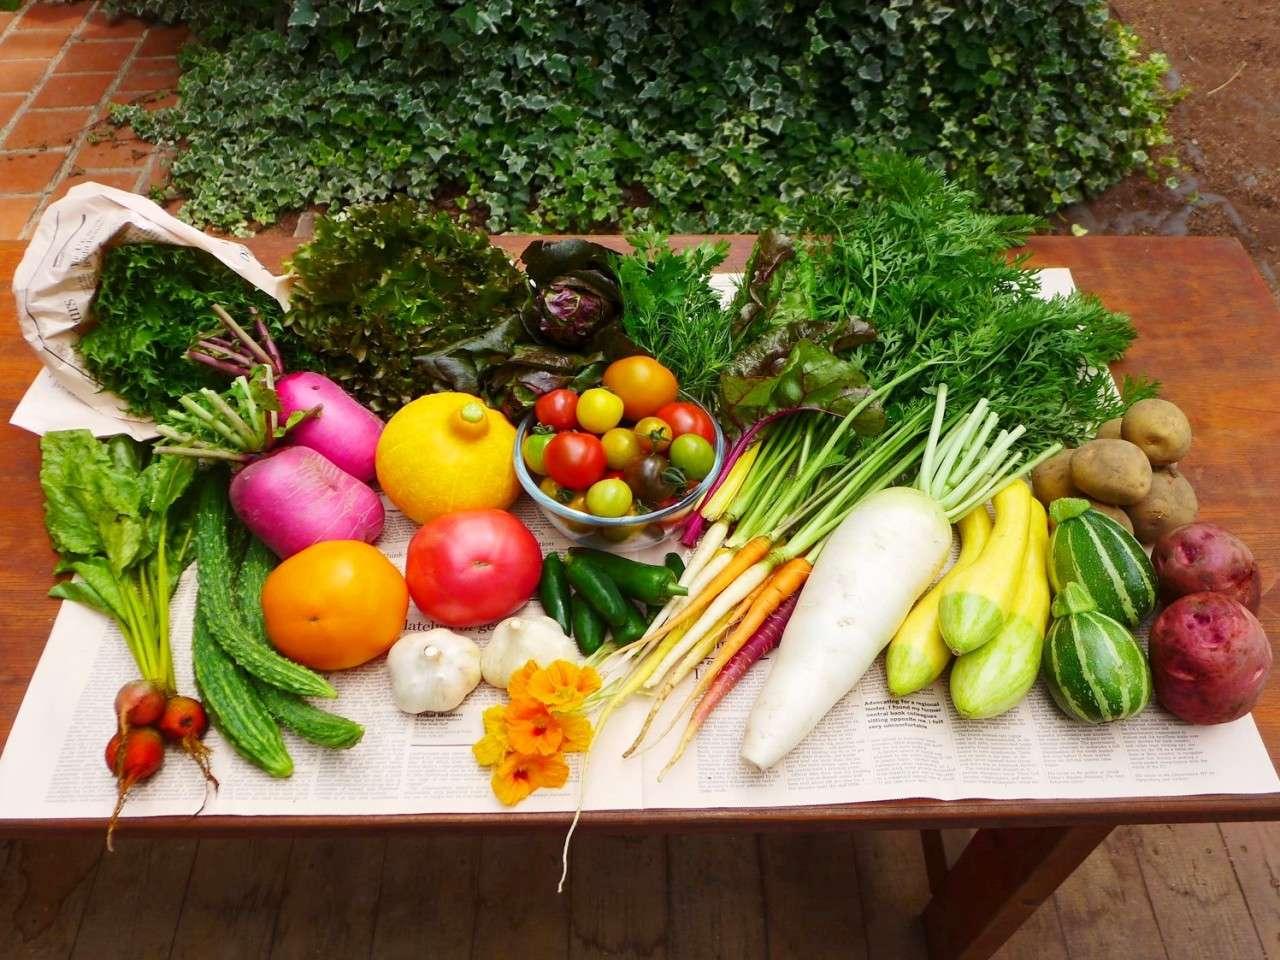 キービジュアル画像:那須高原で育った、色とりどりの「那須いろ野菜」